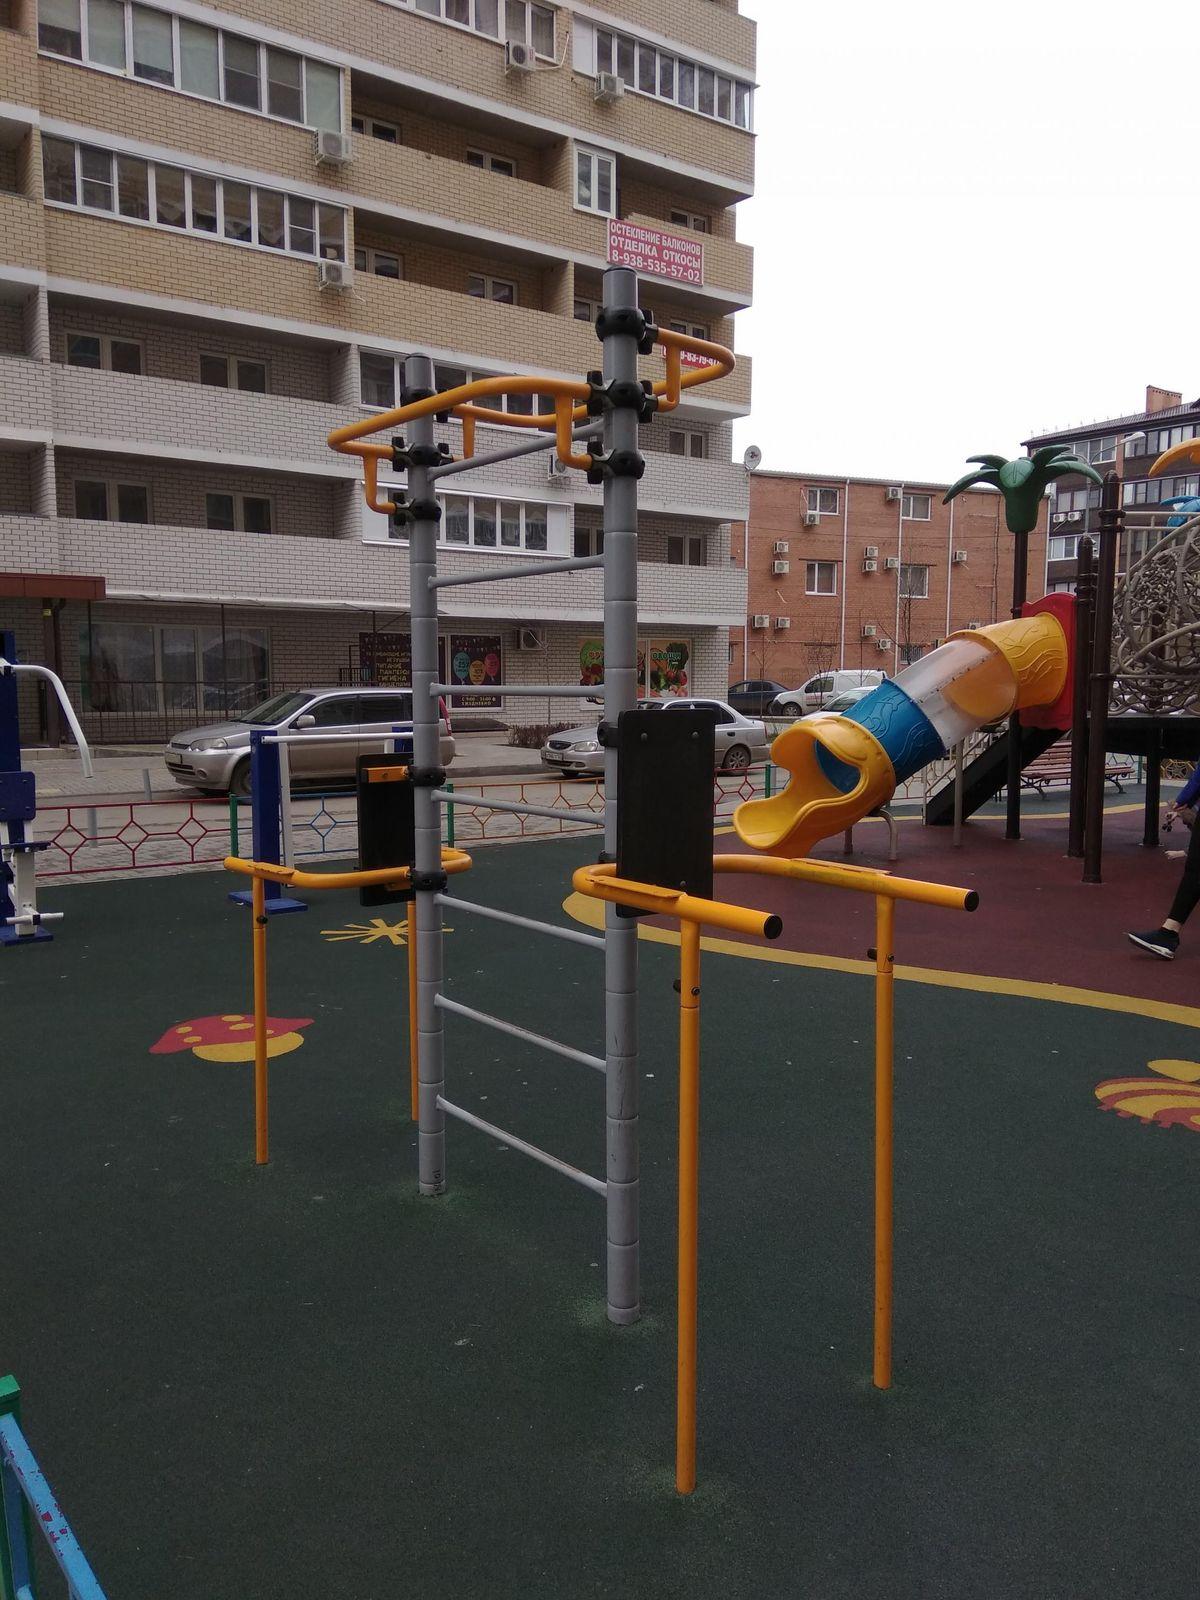 Krasnodar - Street Workout Park - Агрохимическая Улица